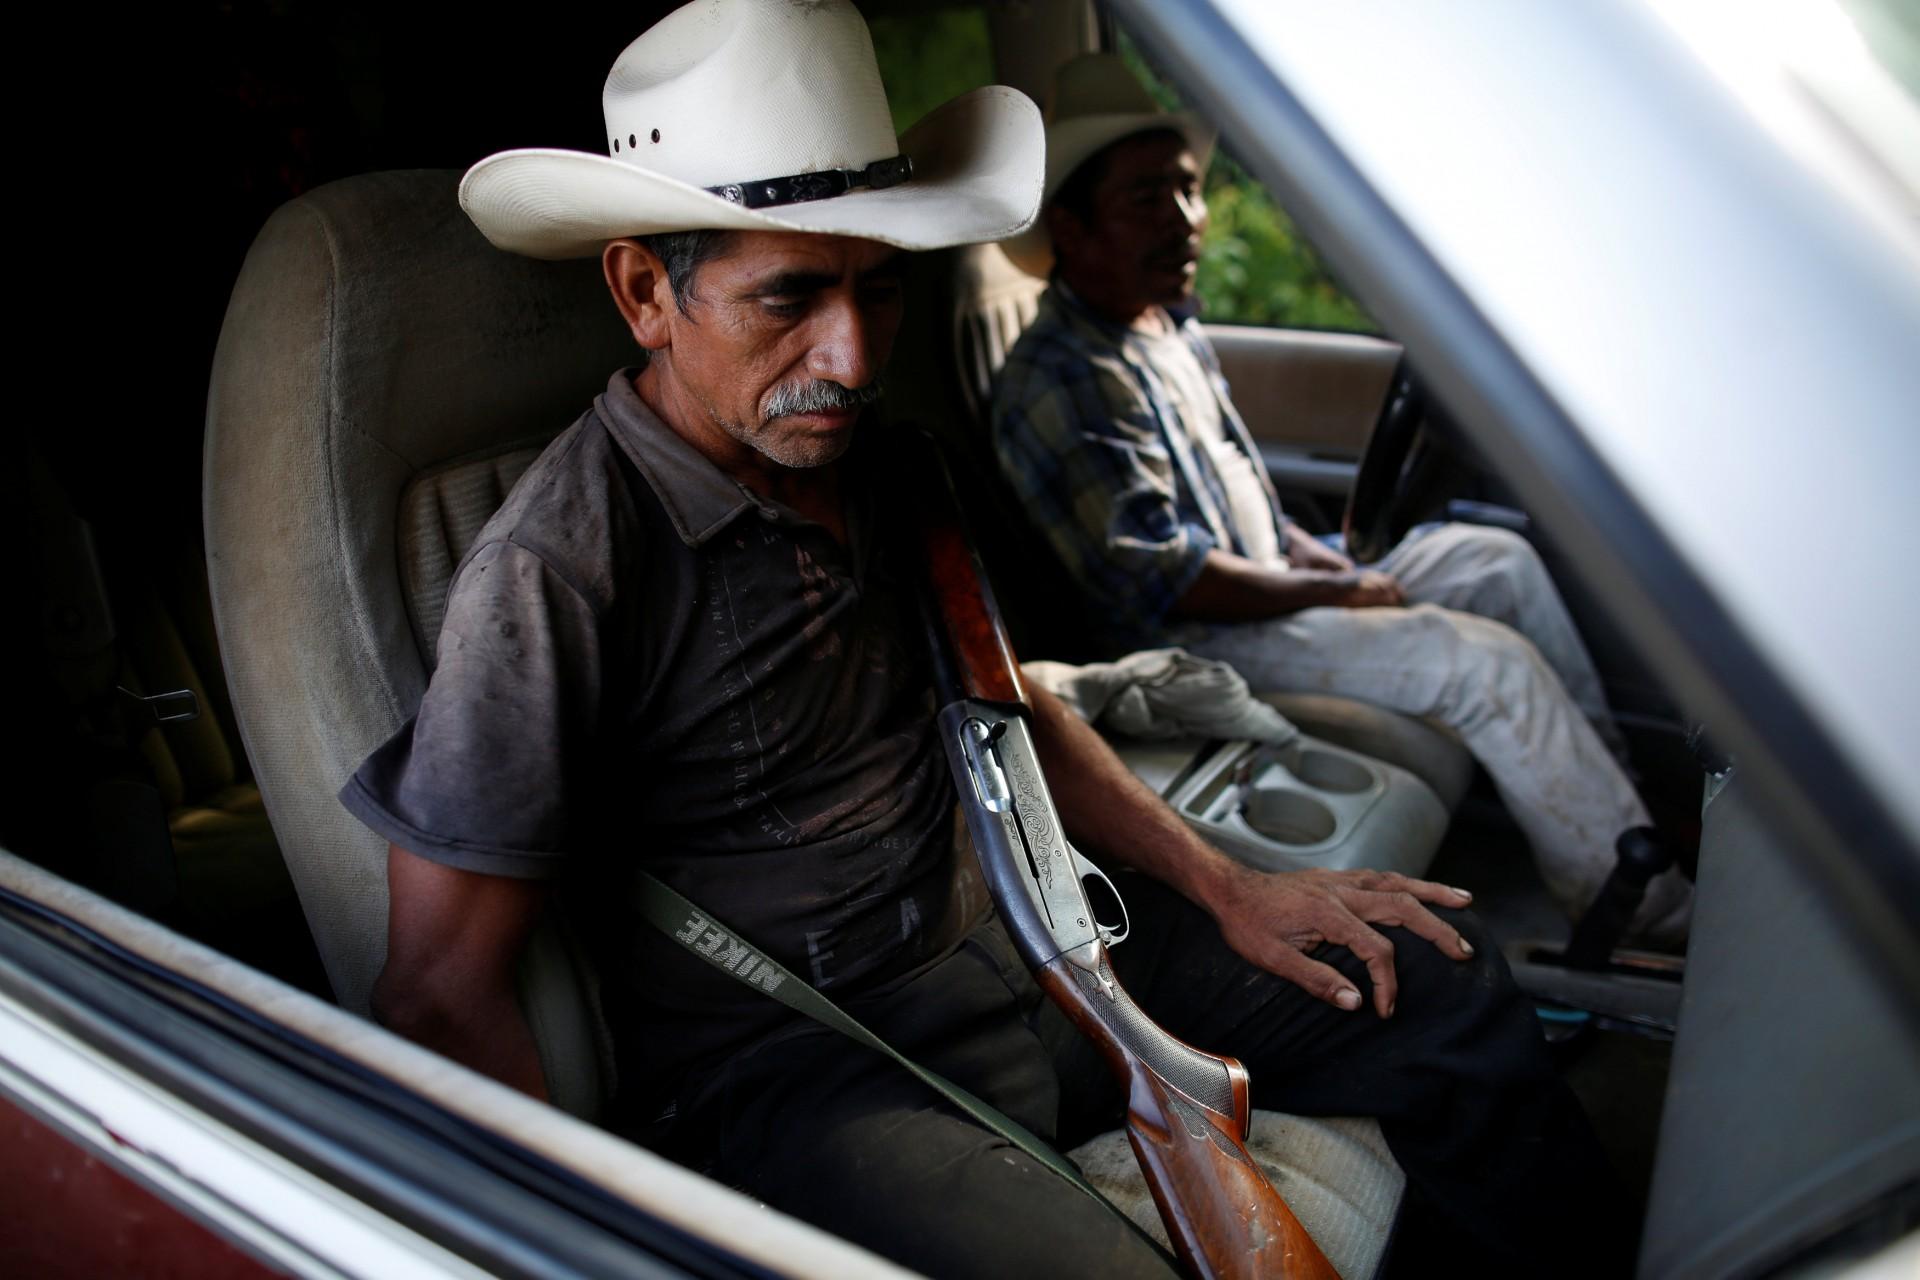 """El agricultor de adormidera Francisco Santiago Clemente sostiene su arma dentro de un auto en un campo de maíz en Juquila Yucucani en la Sierra Madre del Sur, en el estado sureño de Guerrero, México, 18 de agosto de 2018. REUTERS / Carlos Jasso BUSCA """"OPCIÓN DE JASSO"""" PARA ESTO HISTORIA. BÚSQUEDA """"UNA IMAGEN MÁS AMPLIA"""" PARA TODAS LAS HISTORIAS."""